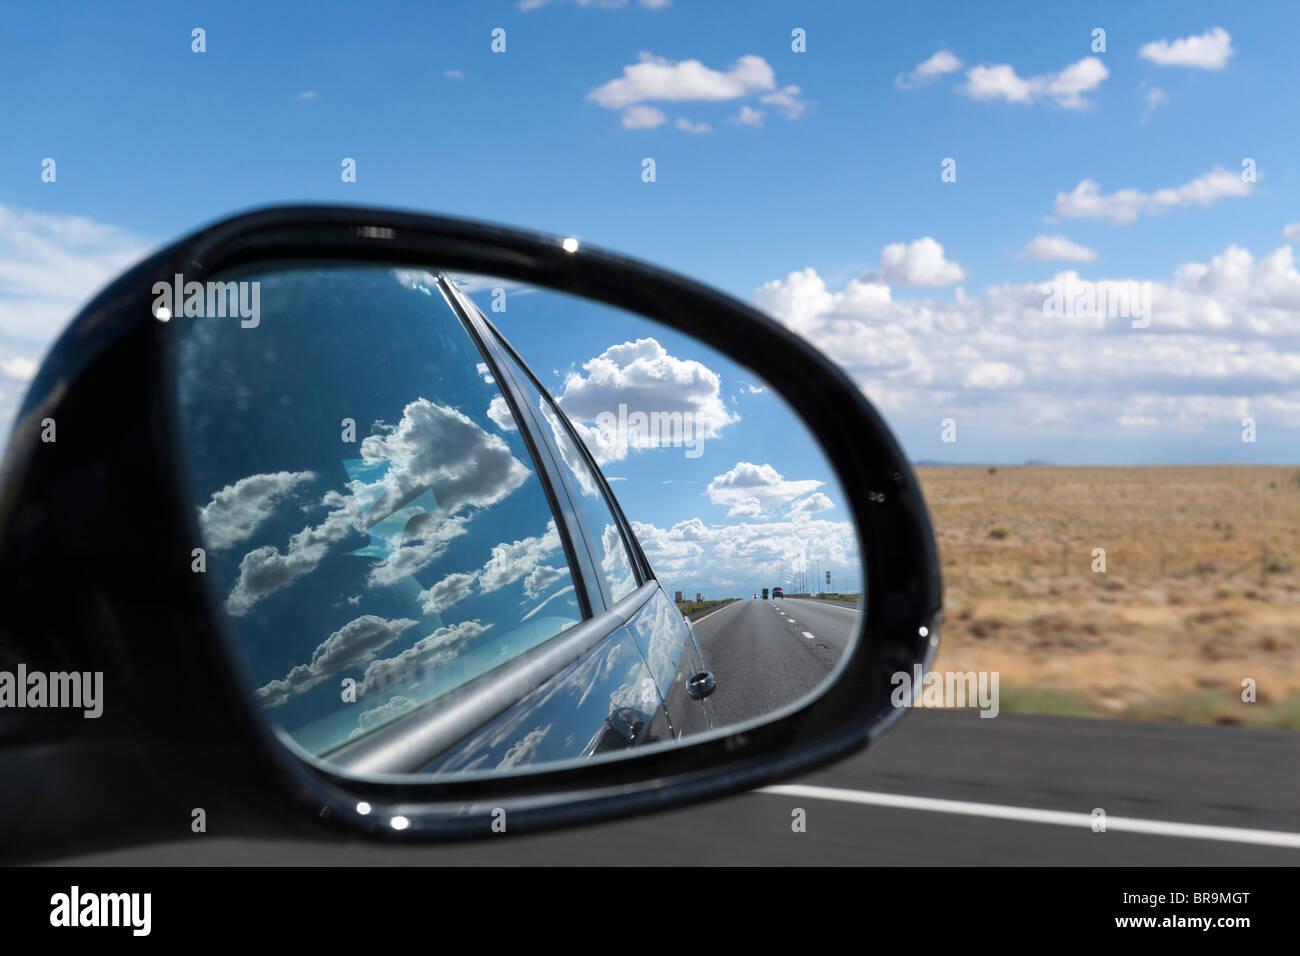 Specchio retrovisore esterno che mostra vetture su strada e le nuvole riflettono sul lato della vettura - suggerisce Immagini Stock